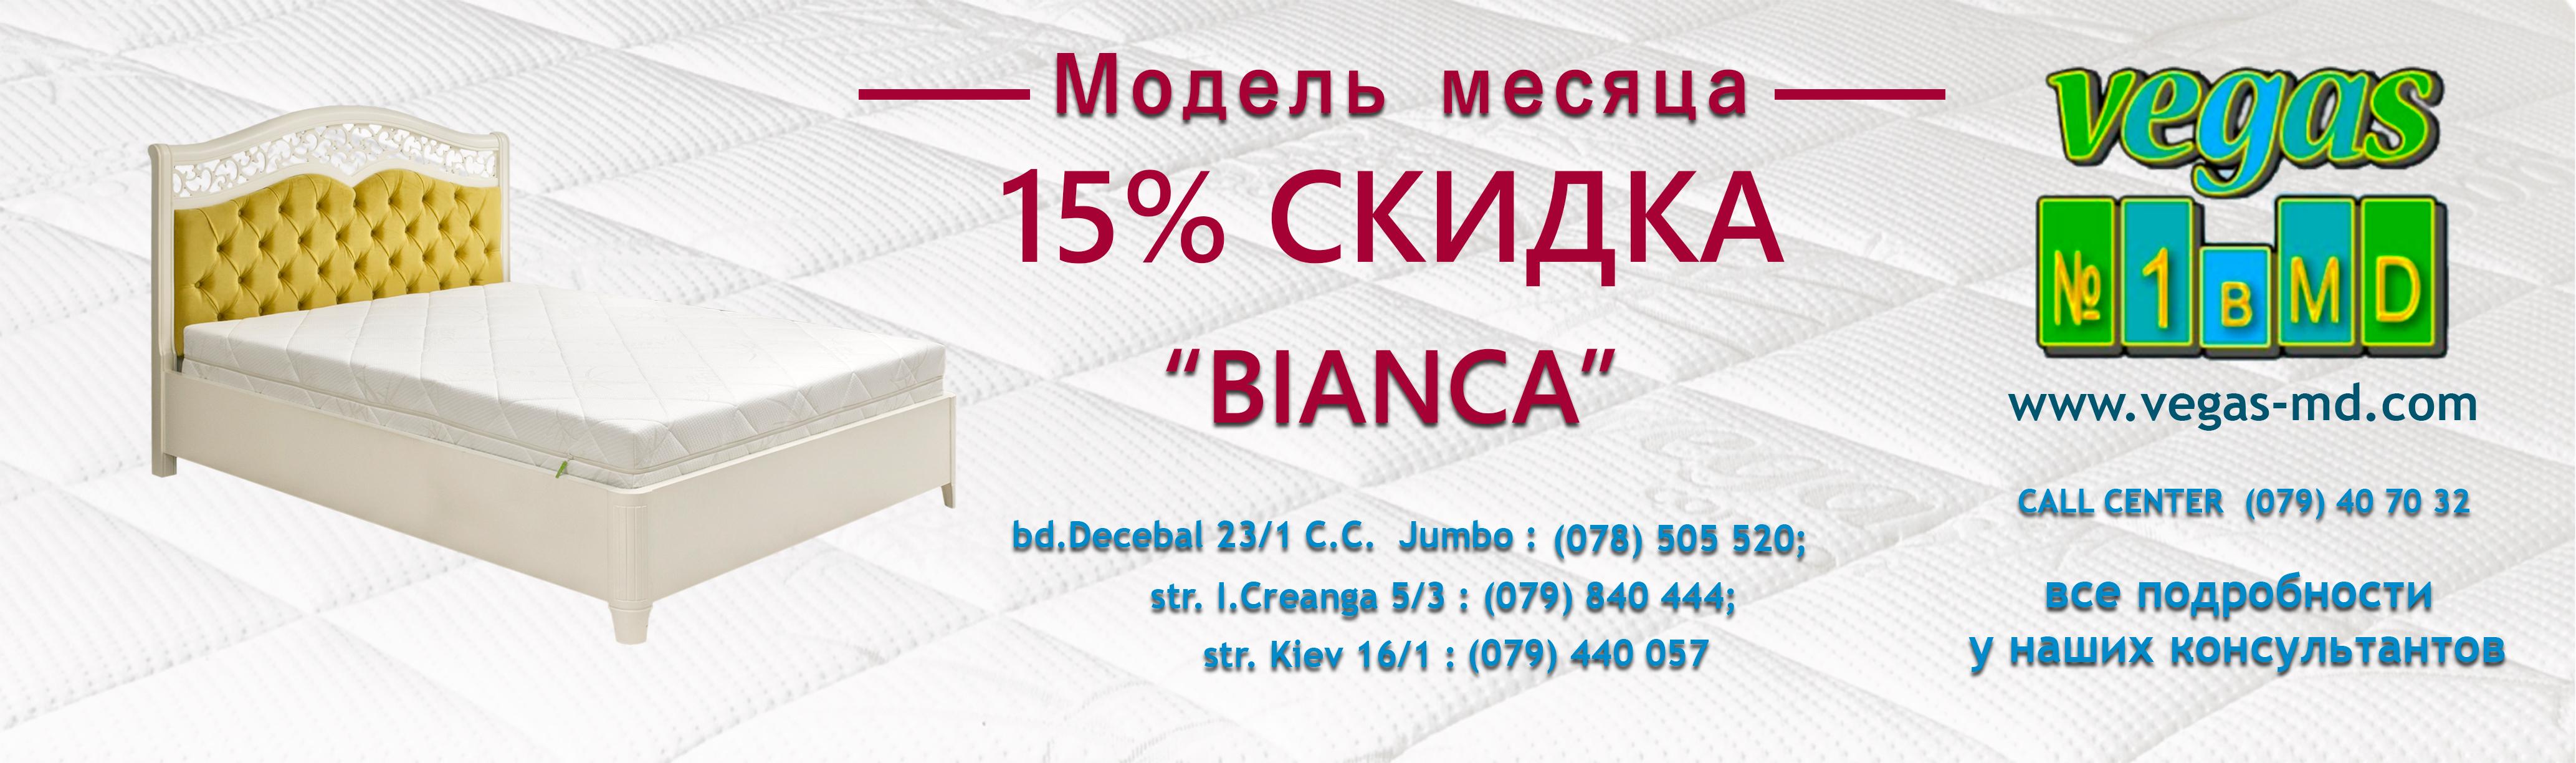 BIANCA-1-2ru